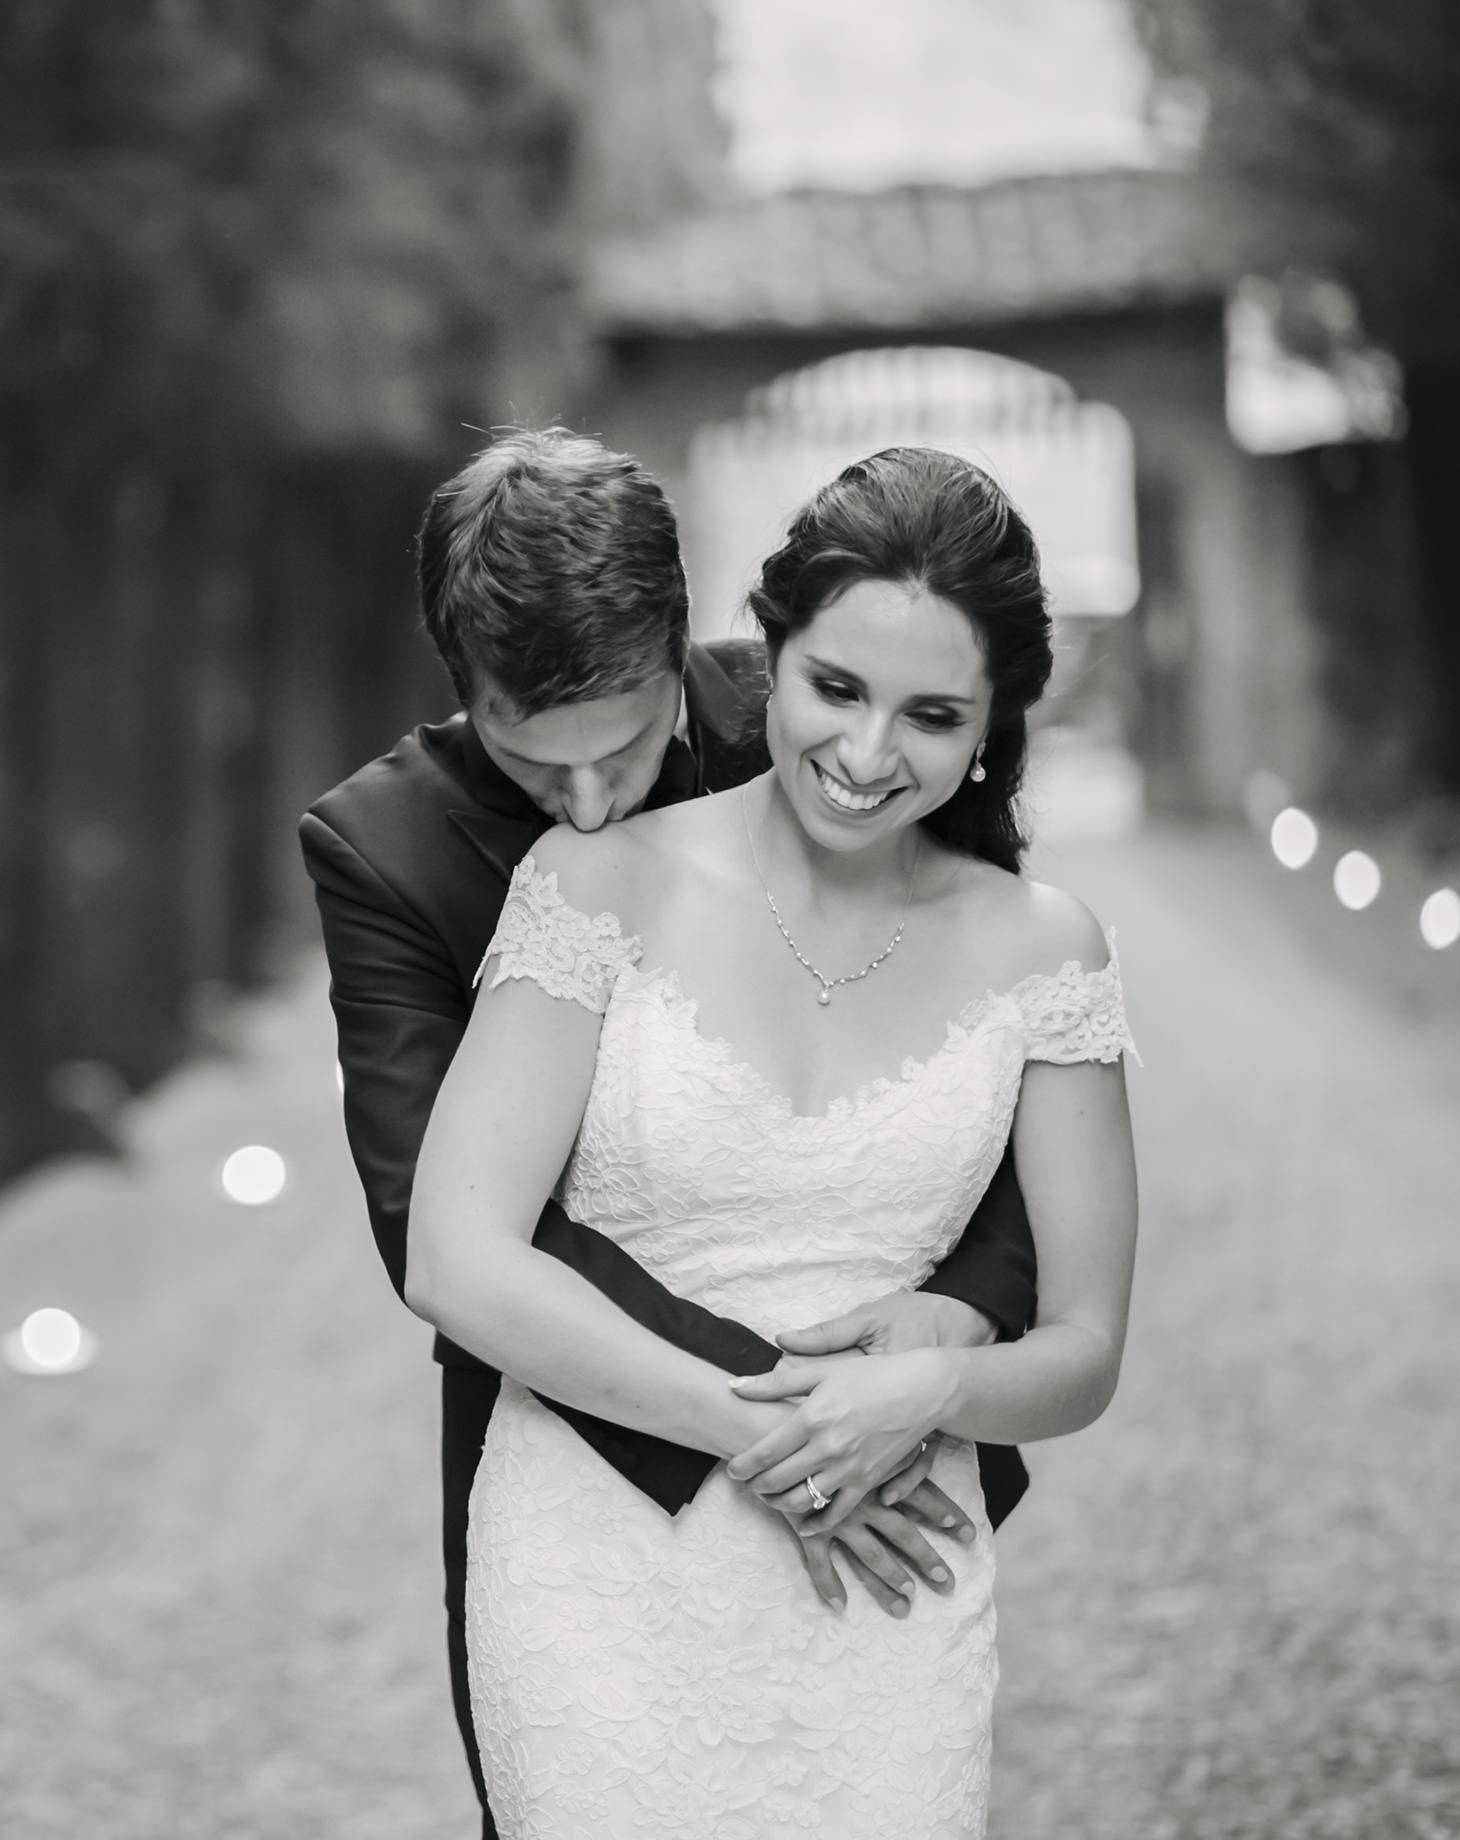 Erik & Stephanie | Chianti